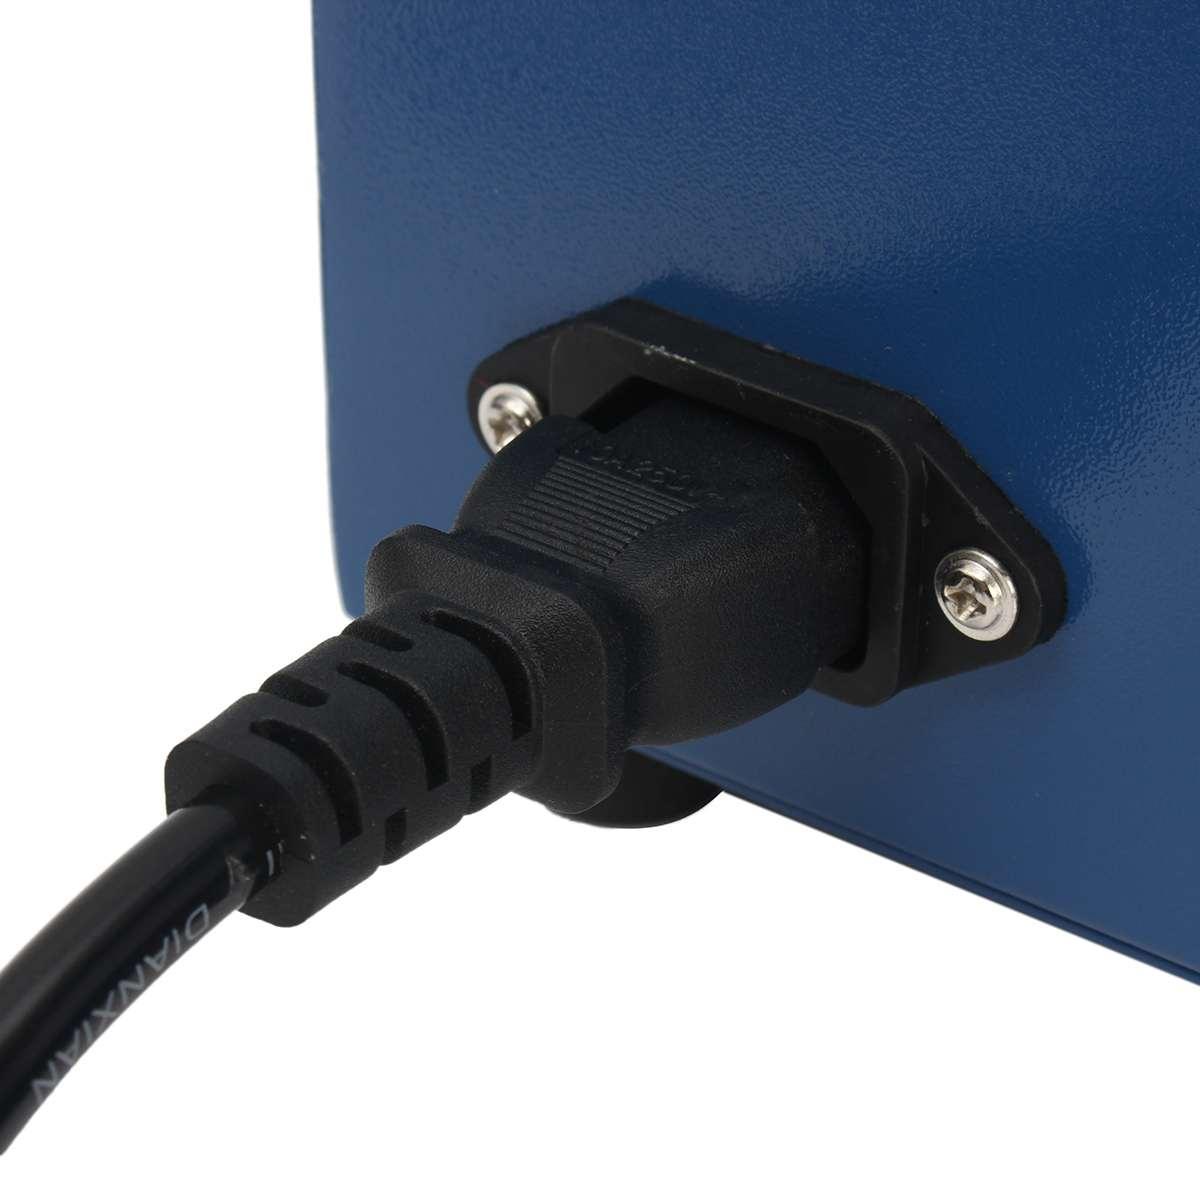 Горячая Prokit набор инструментов для домашнего ремонта 13 комплектов общий набор инструментов для дома крестовая отвертка 1PK 636B 1 - 6